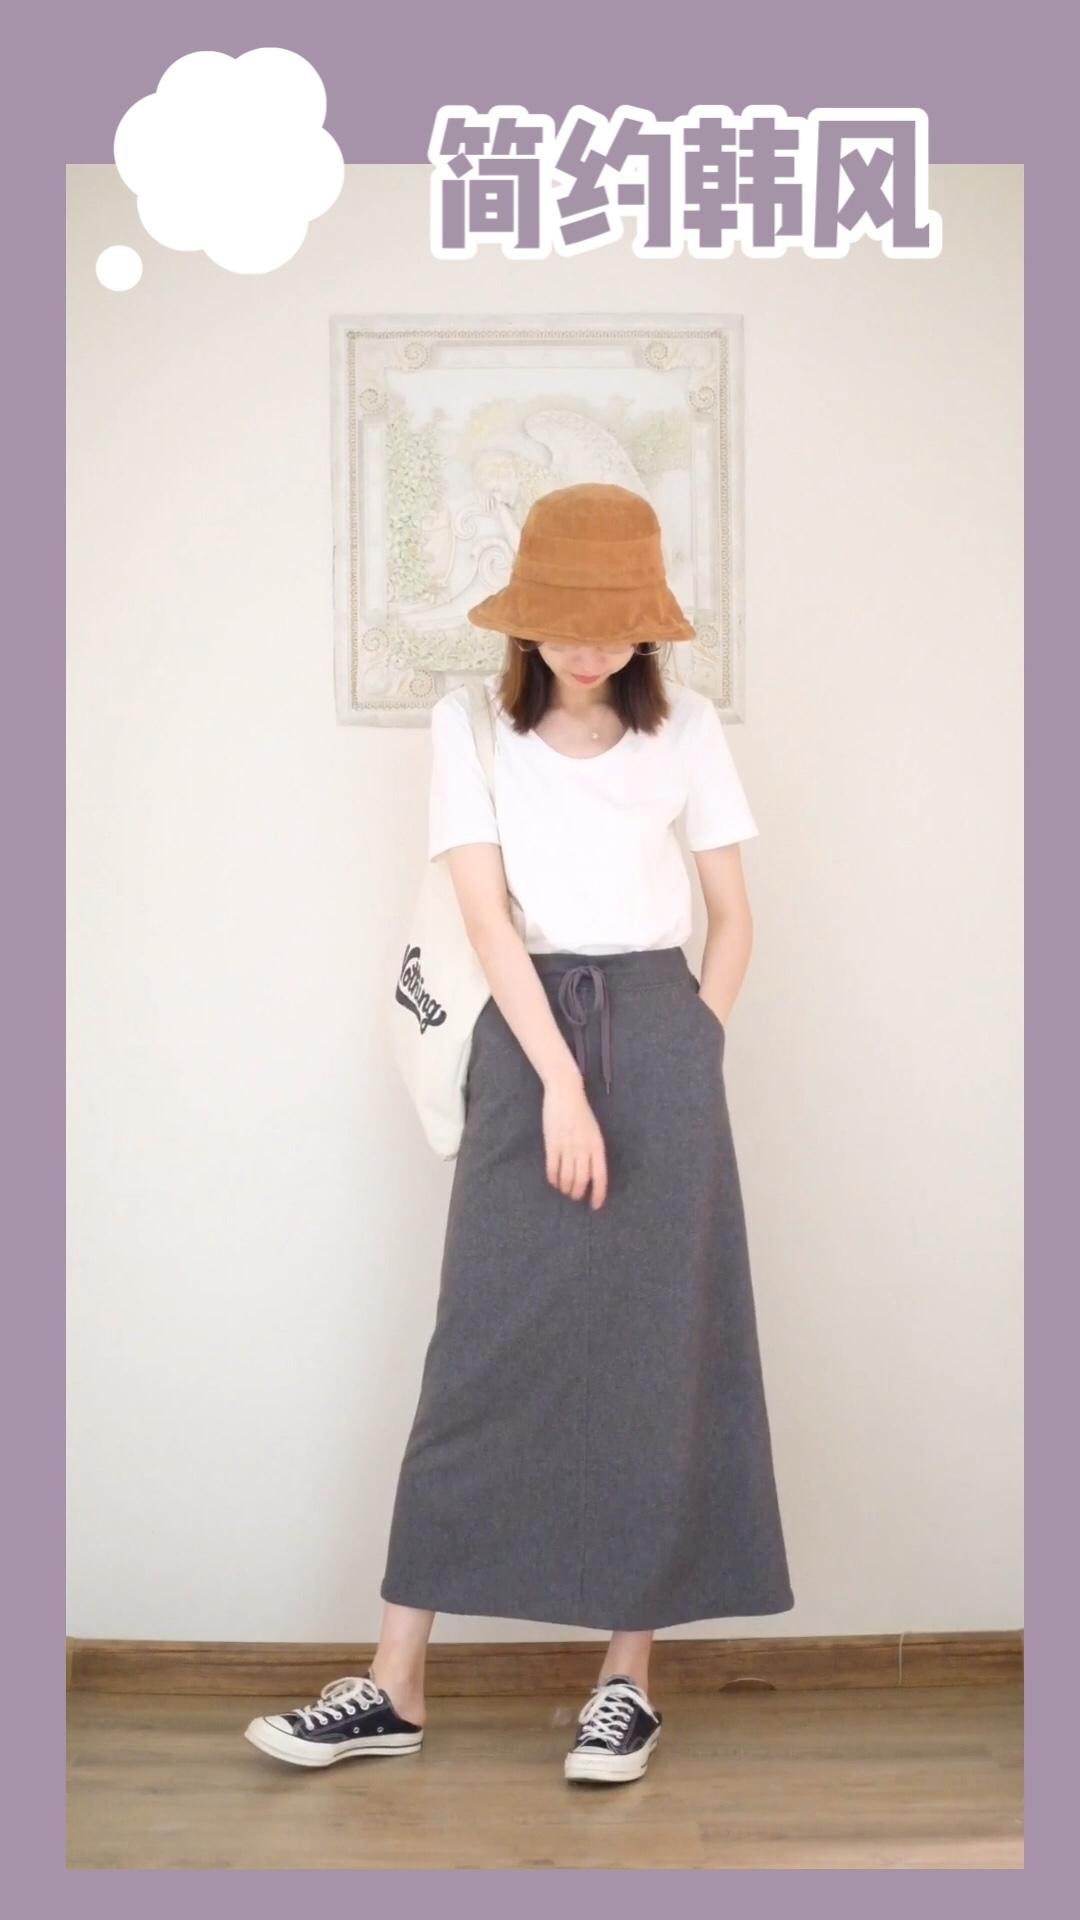 #韩系网红风,也太太太好看了!# 🍧小毯穿什么 简单白T搭配灰色运动长裙,简单又时髦 搭配渔夫帽和帆布鞋,更加韩系 背个帆布包,15s出街完全Ok